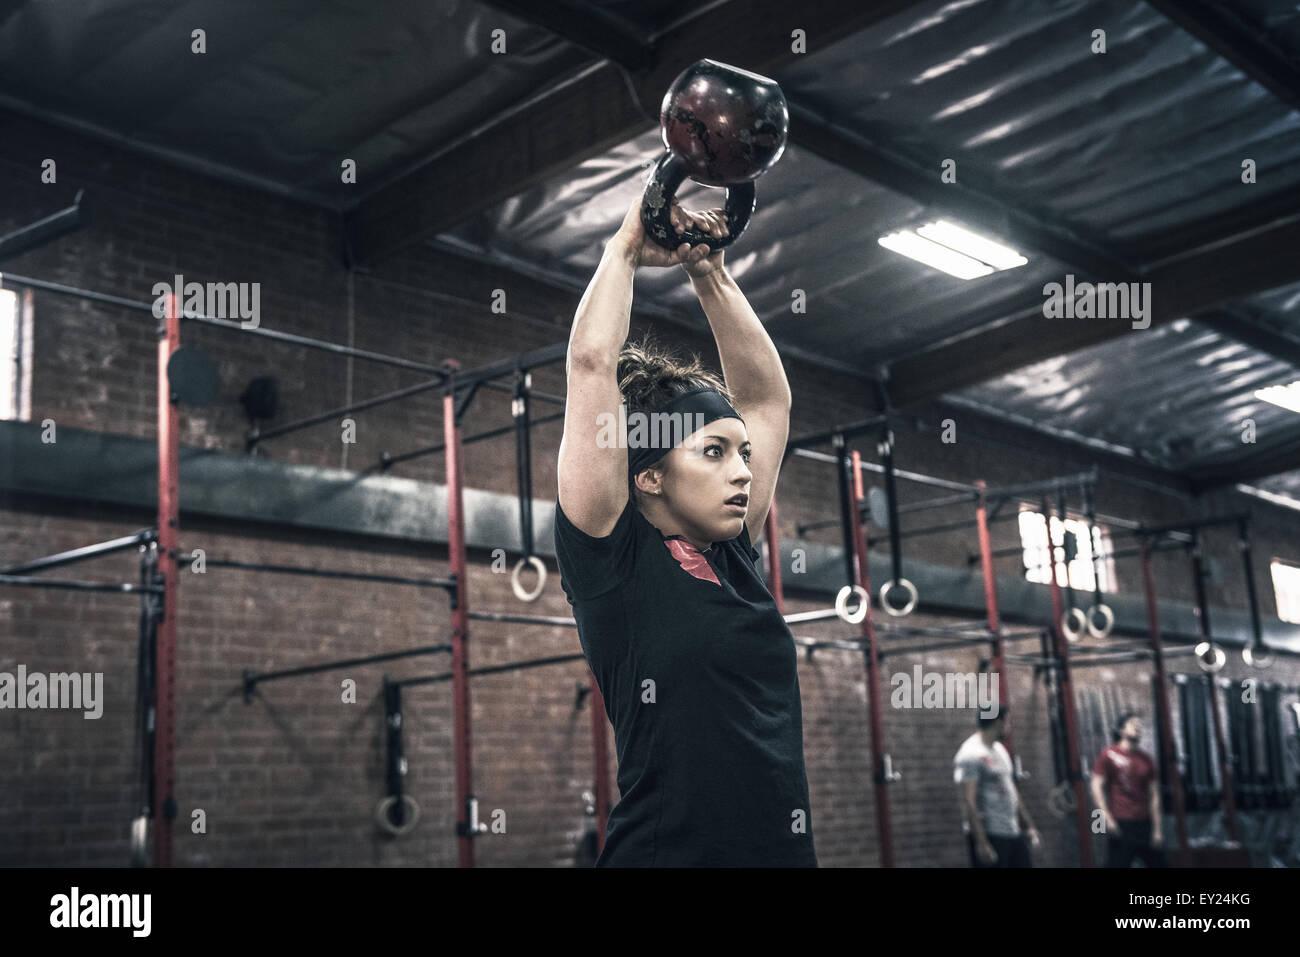 Jovem mulher segurando jarro sinos no ginásio Imagens de Stock